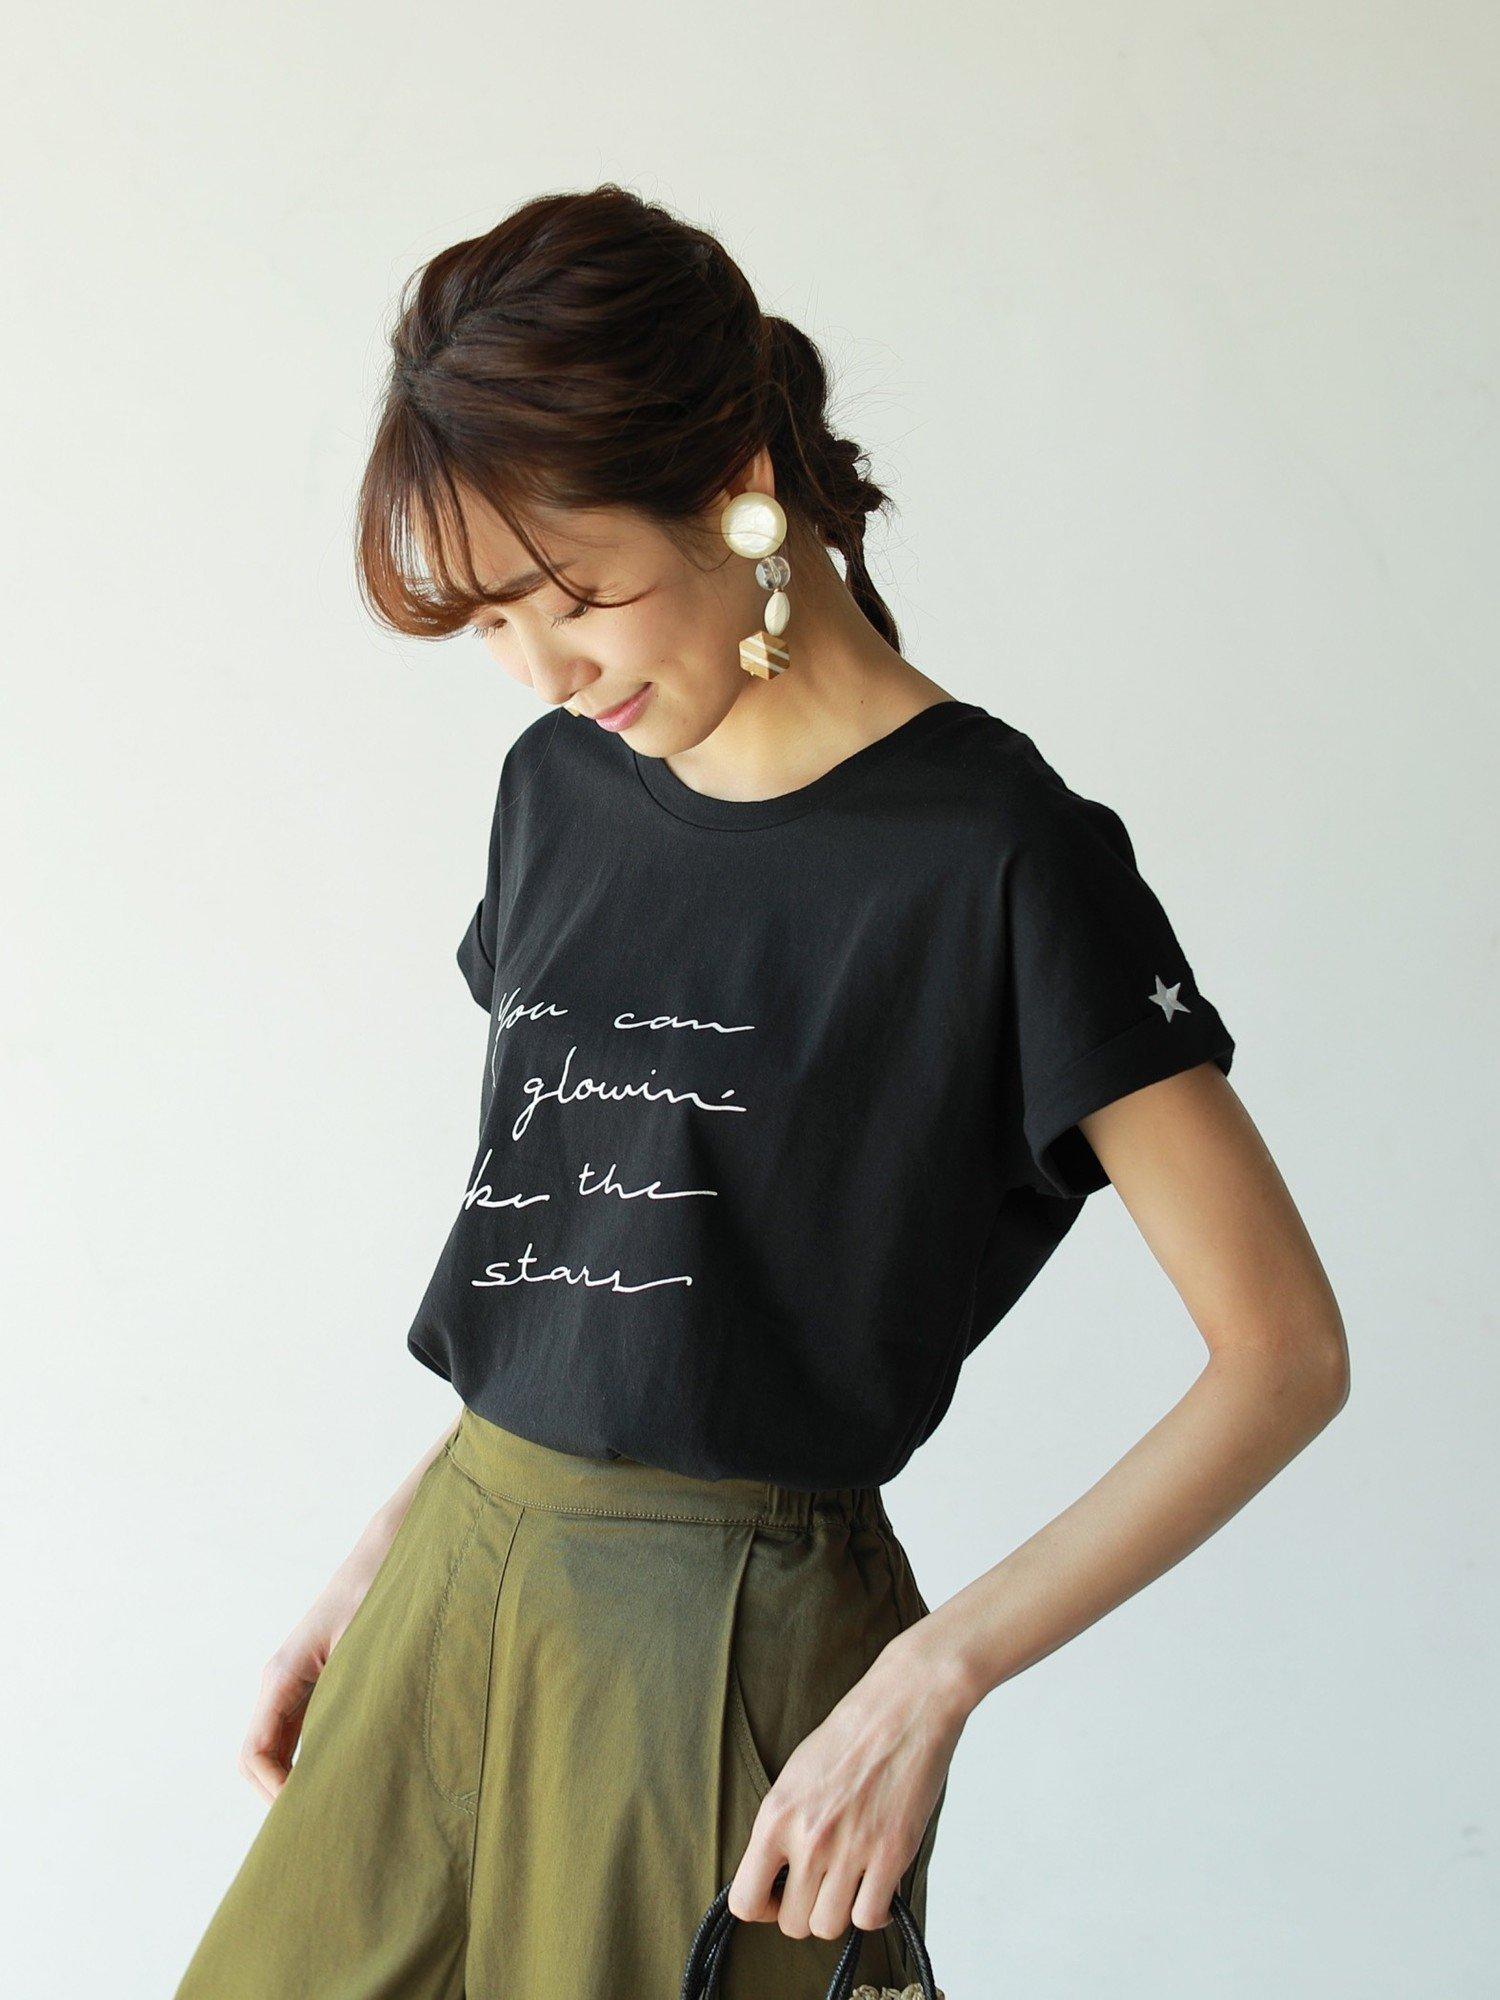 ドルマンスリーブポイント刺繍Tシャツ コーエン カットソー